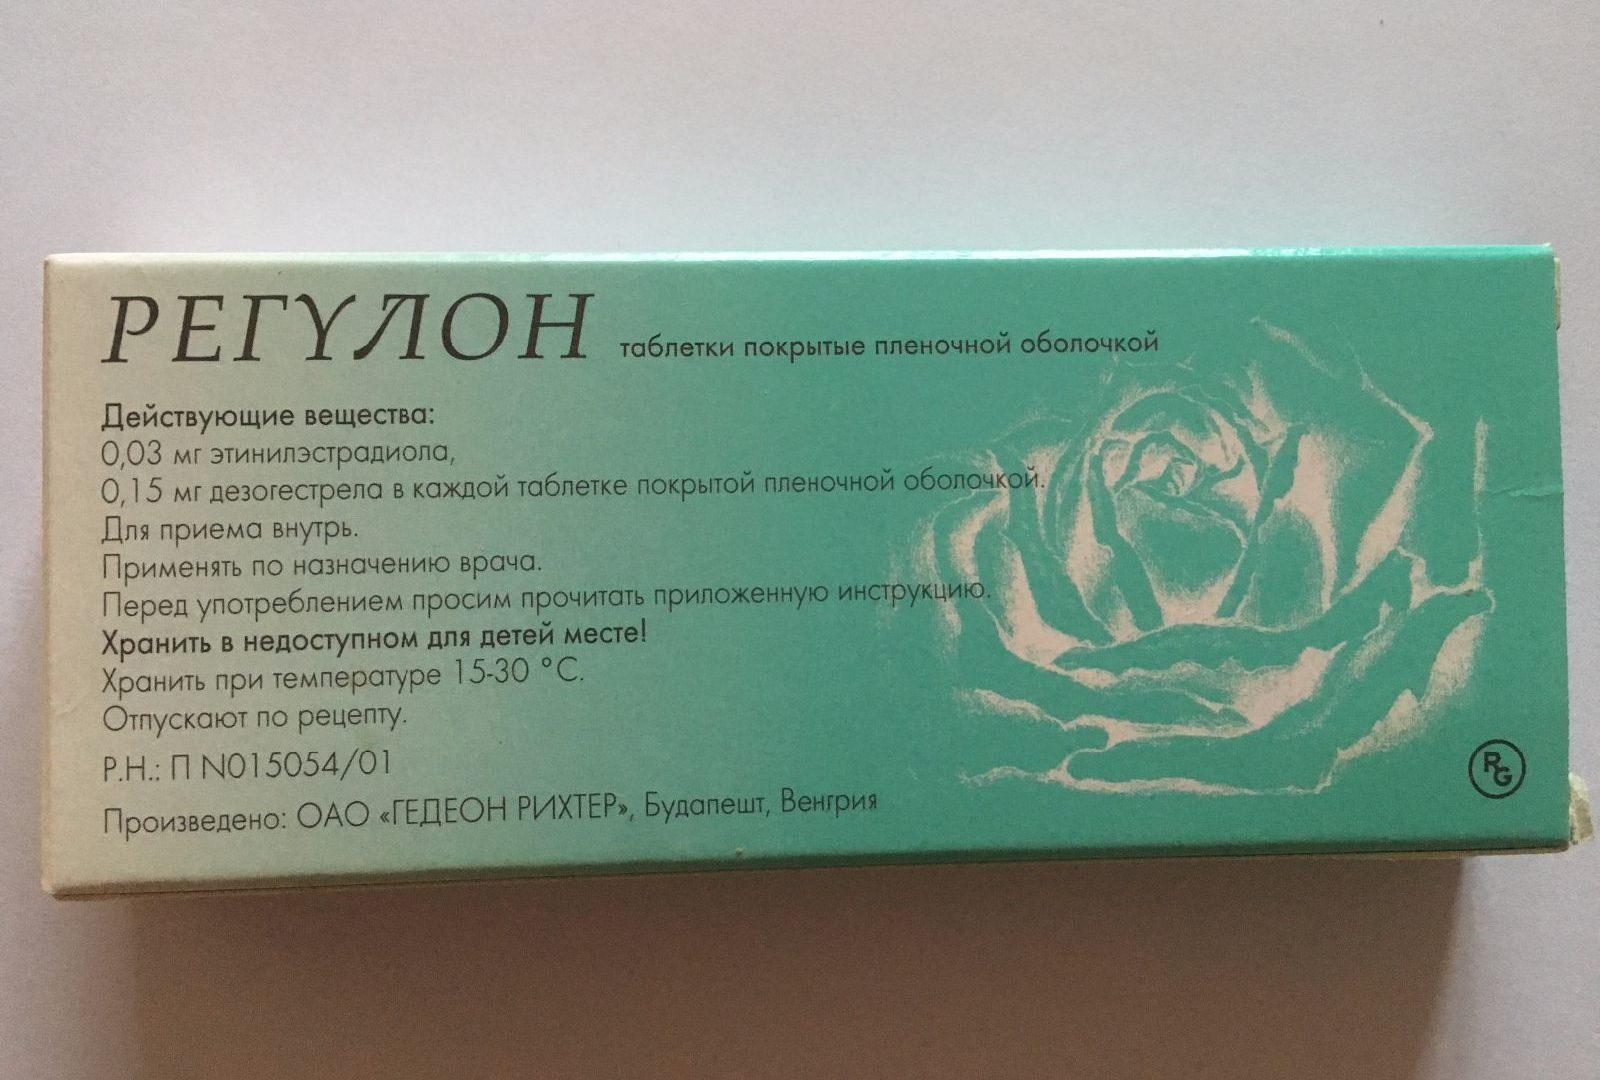 Регулон Контрацептивы - противозачаточные таблетки